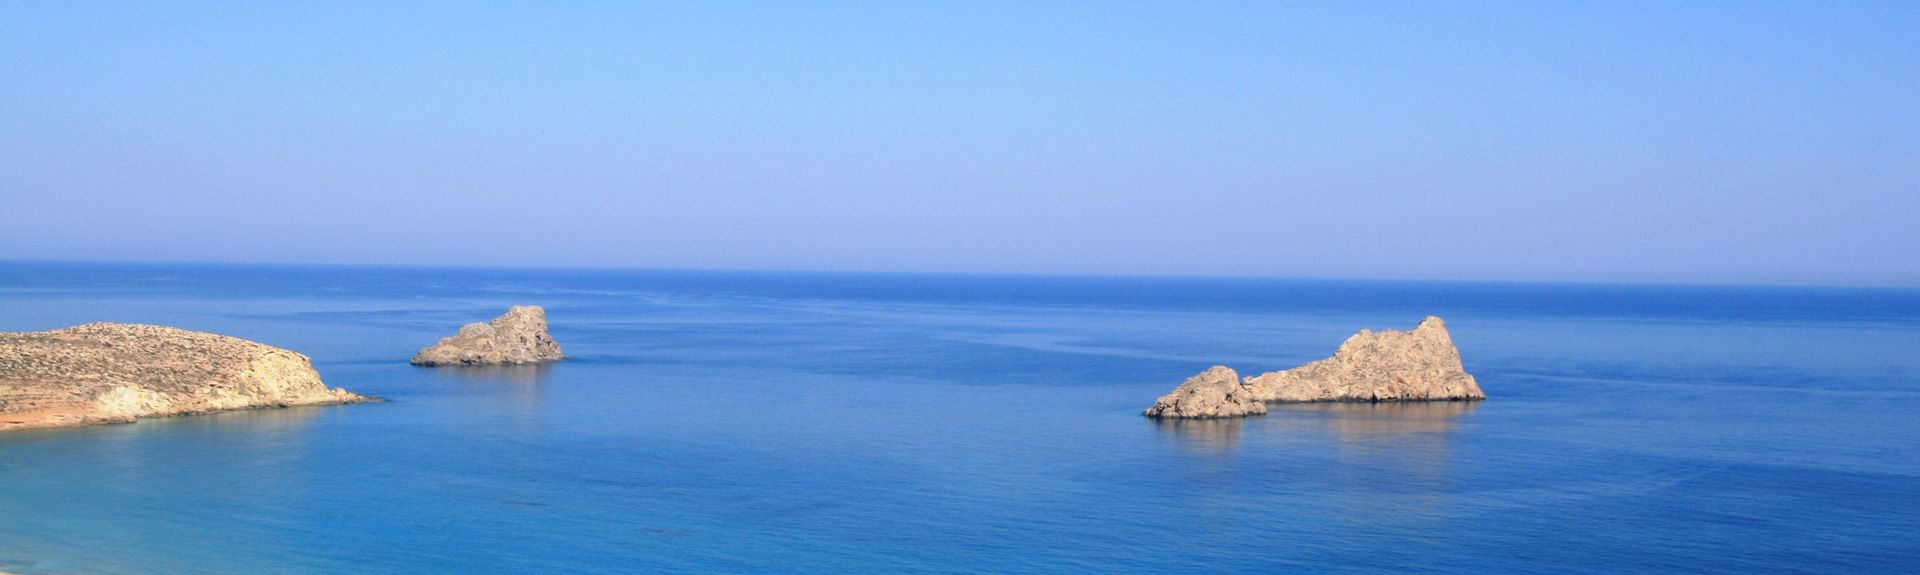 Ζάκρος, Κρήτη, Ελλάδα